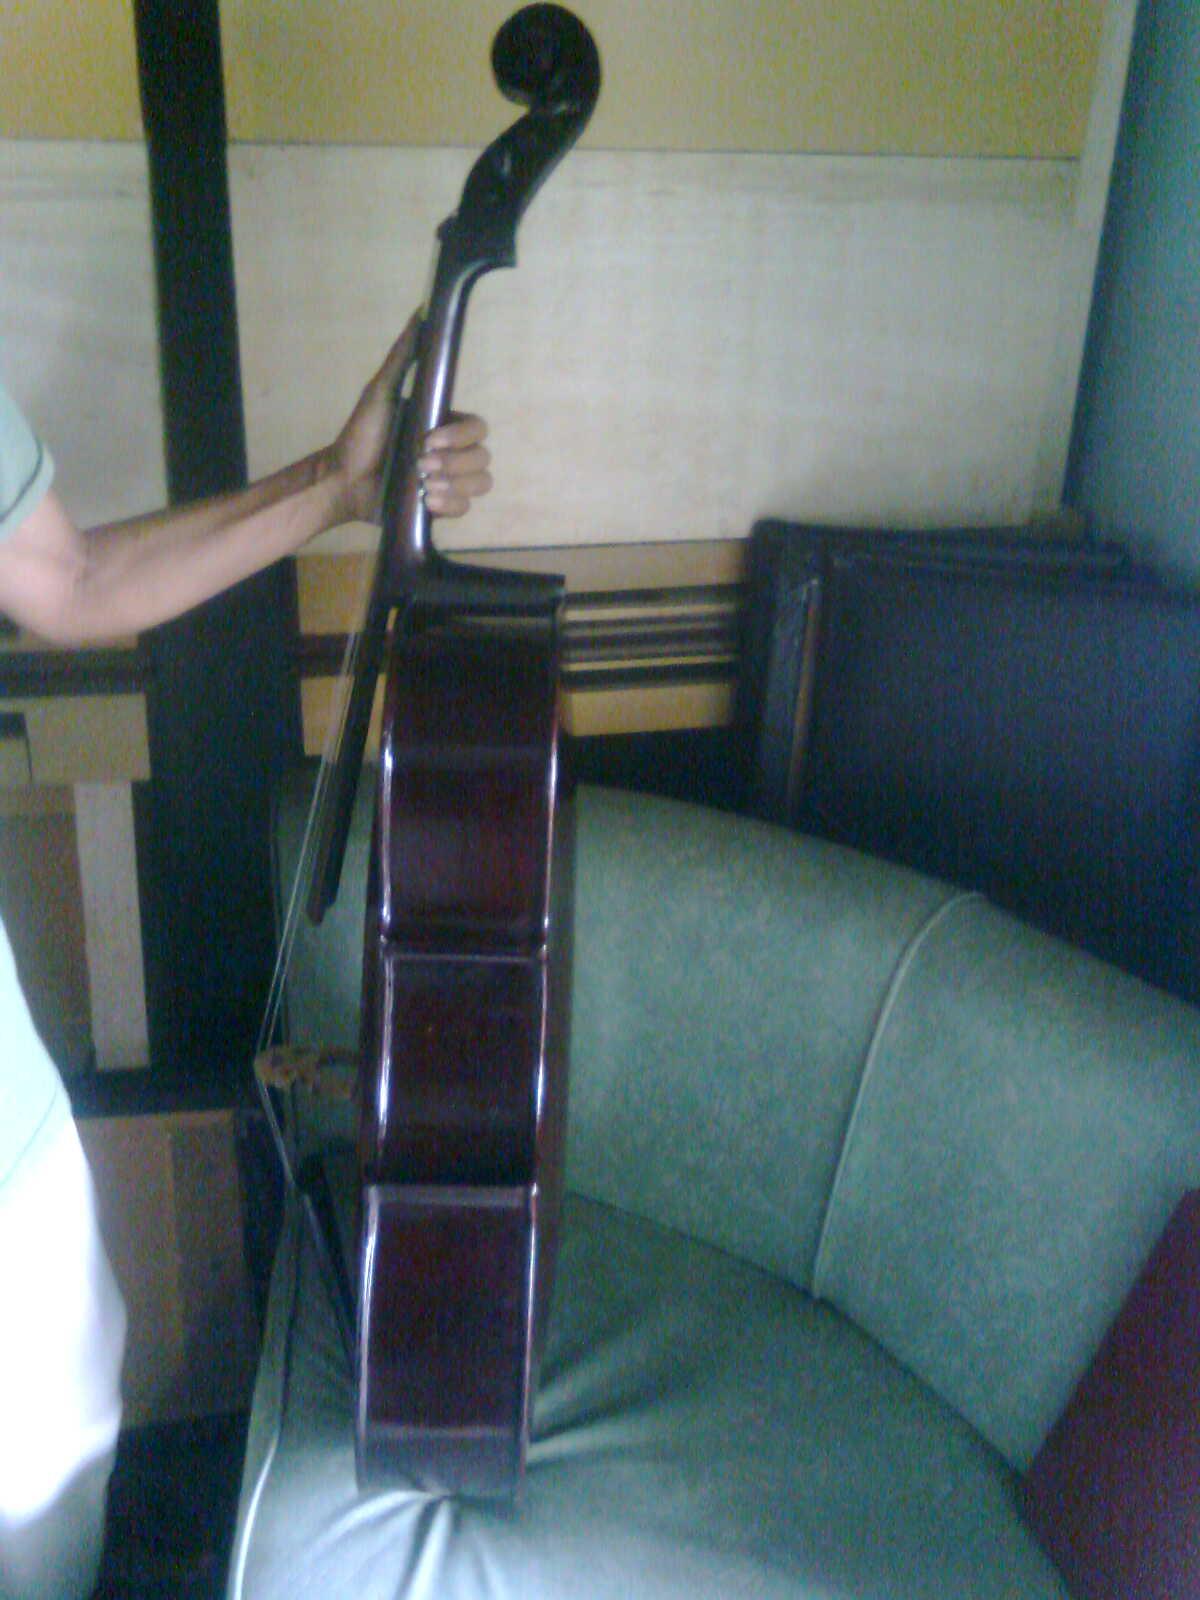 koleksi barang antik - cello antik   koleksi barang antik